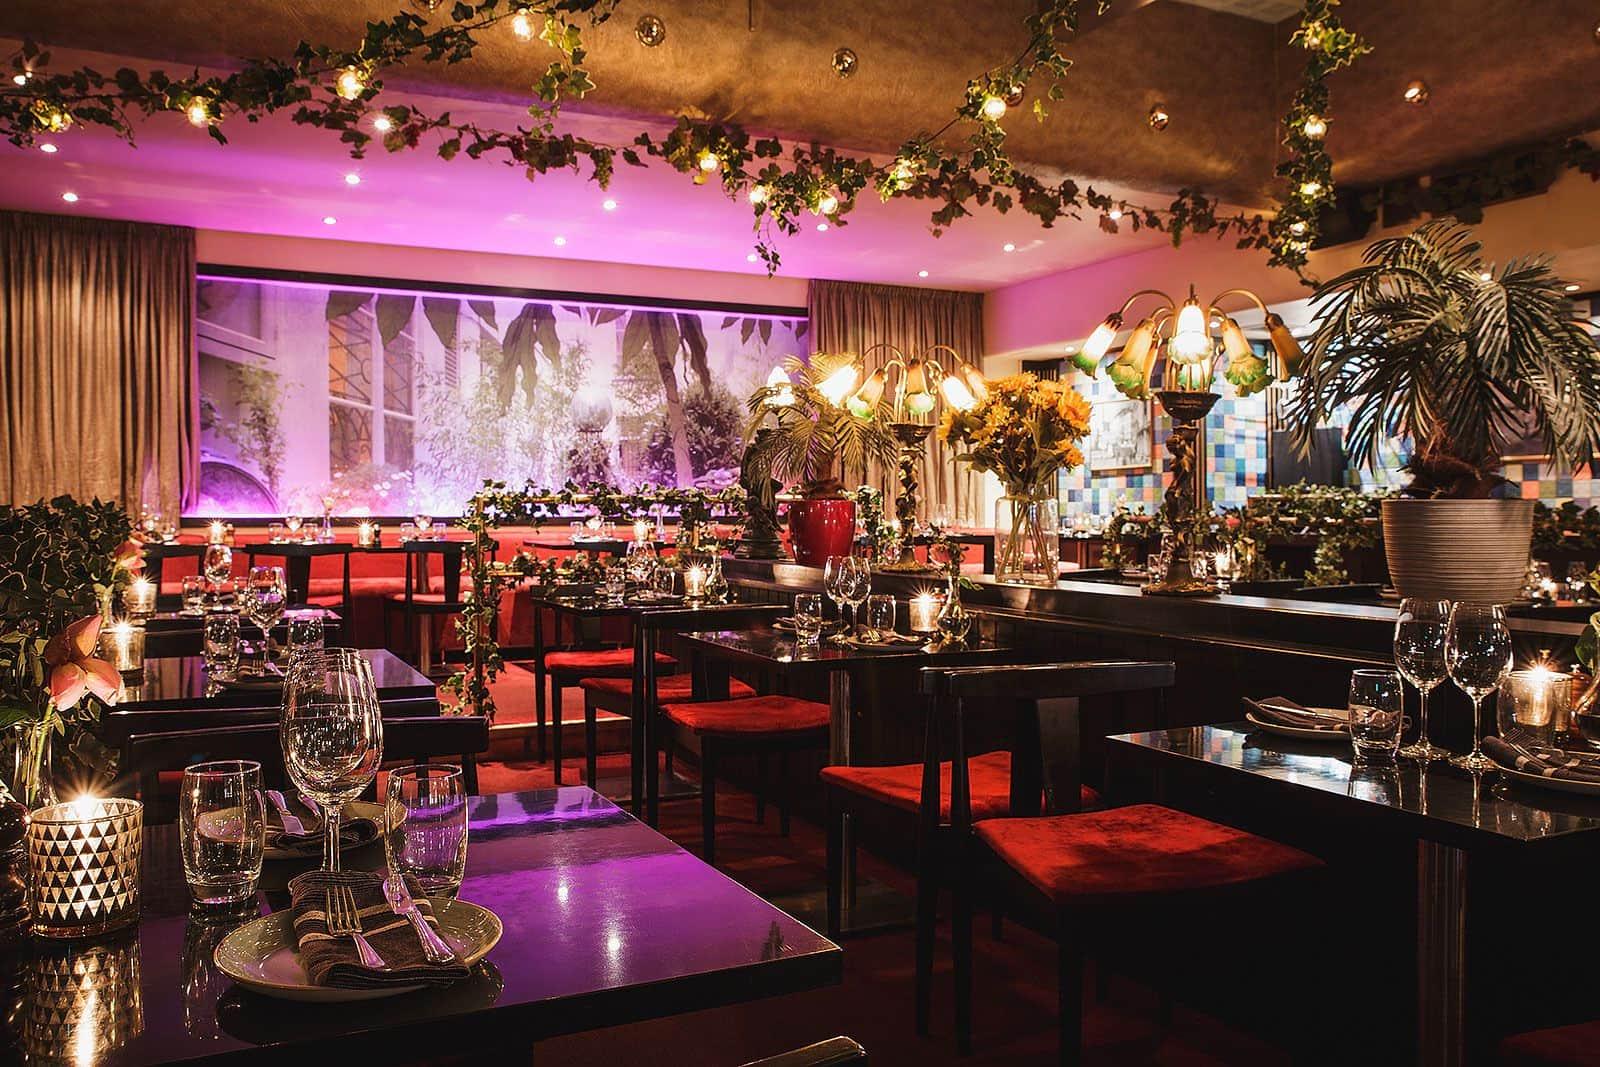 italiensk restaurang södermalm åsögatan